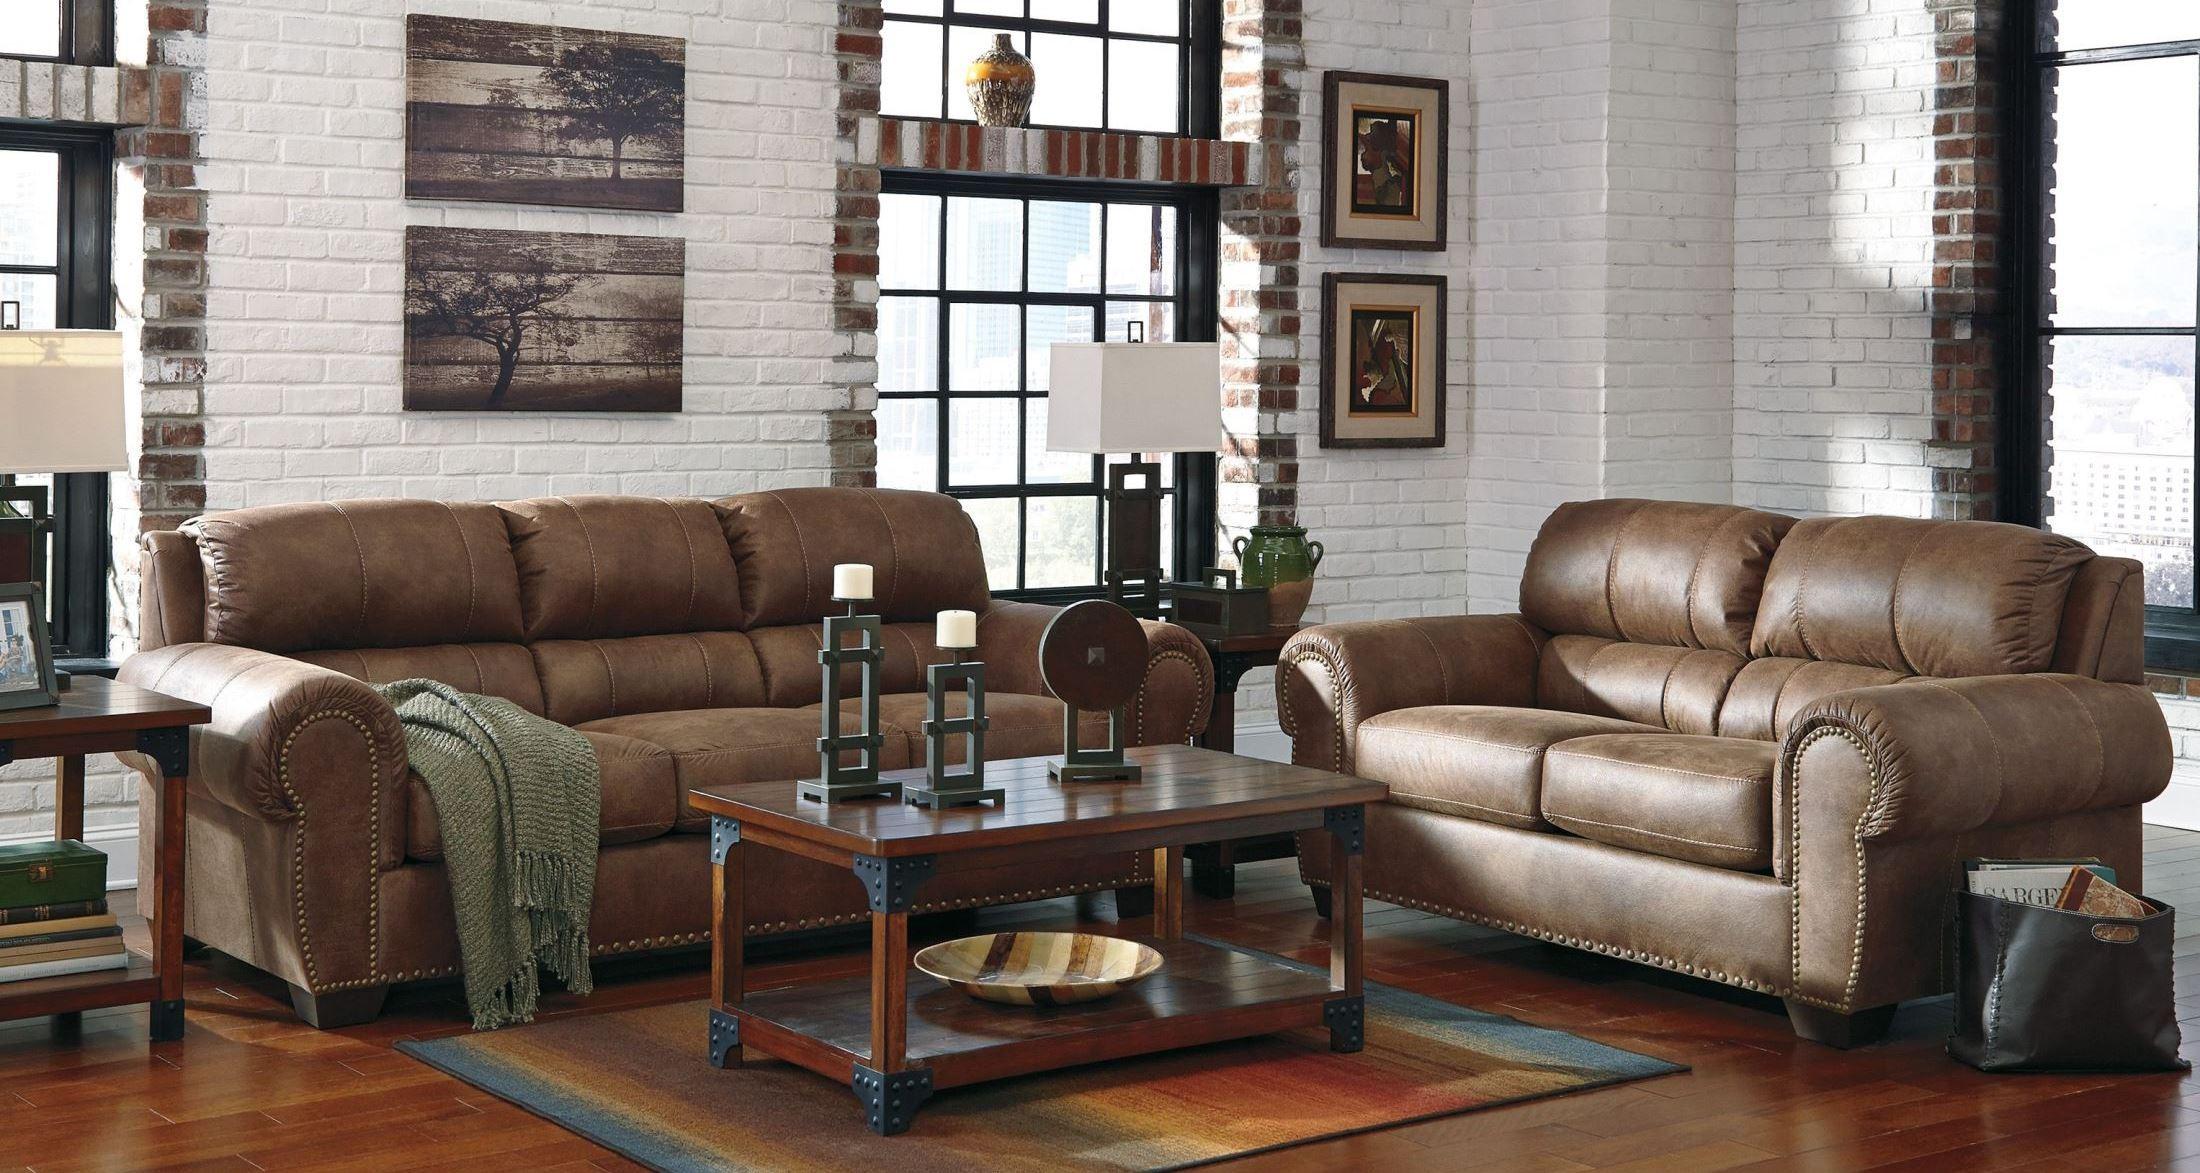 Burnsville Espresso Living Room Set From Ashley 9720638 Coleman Furniture